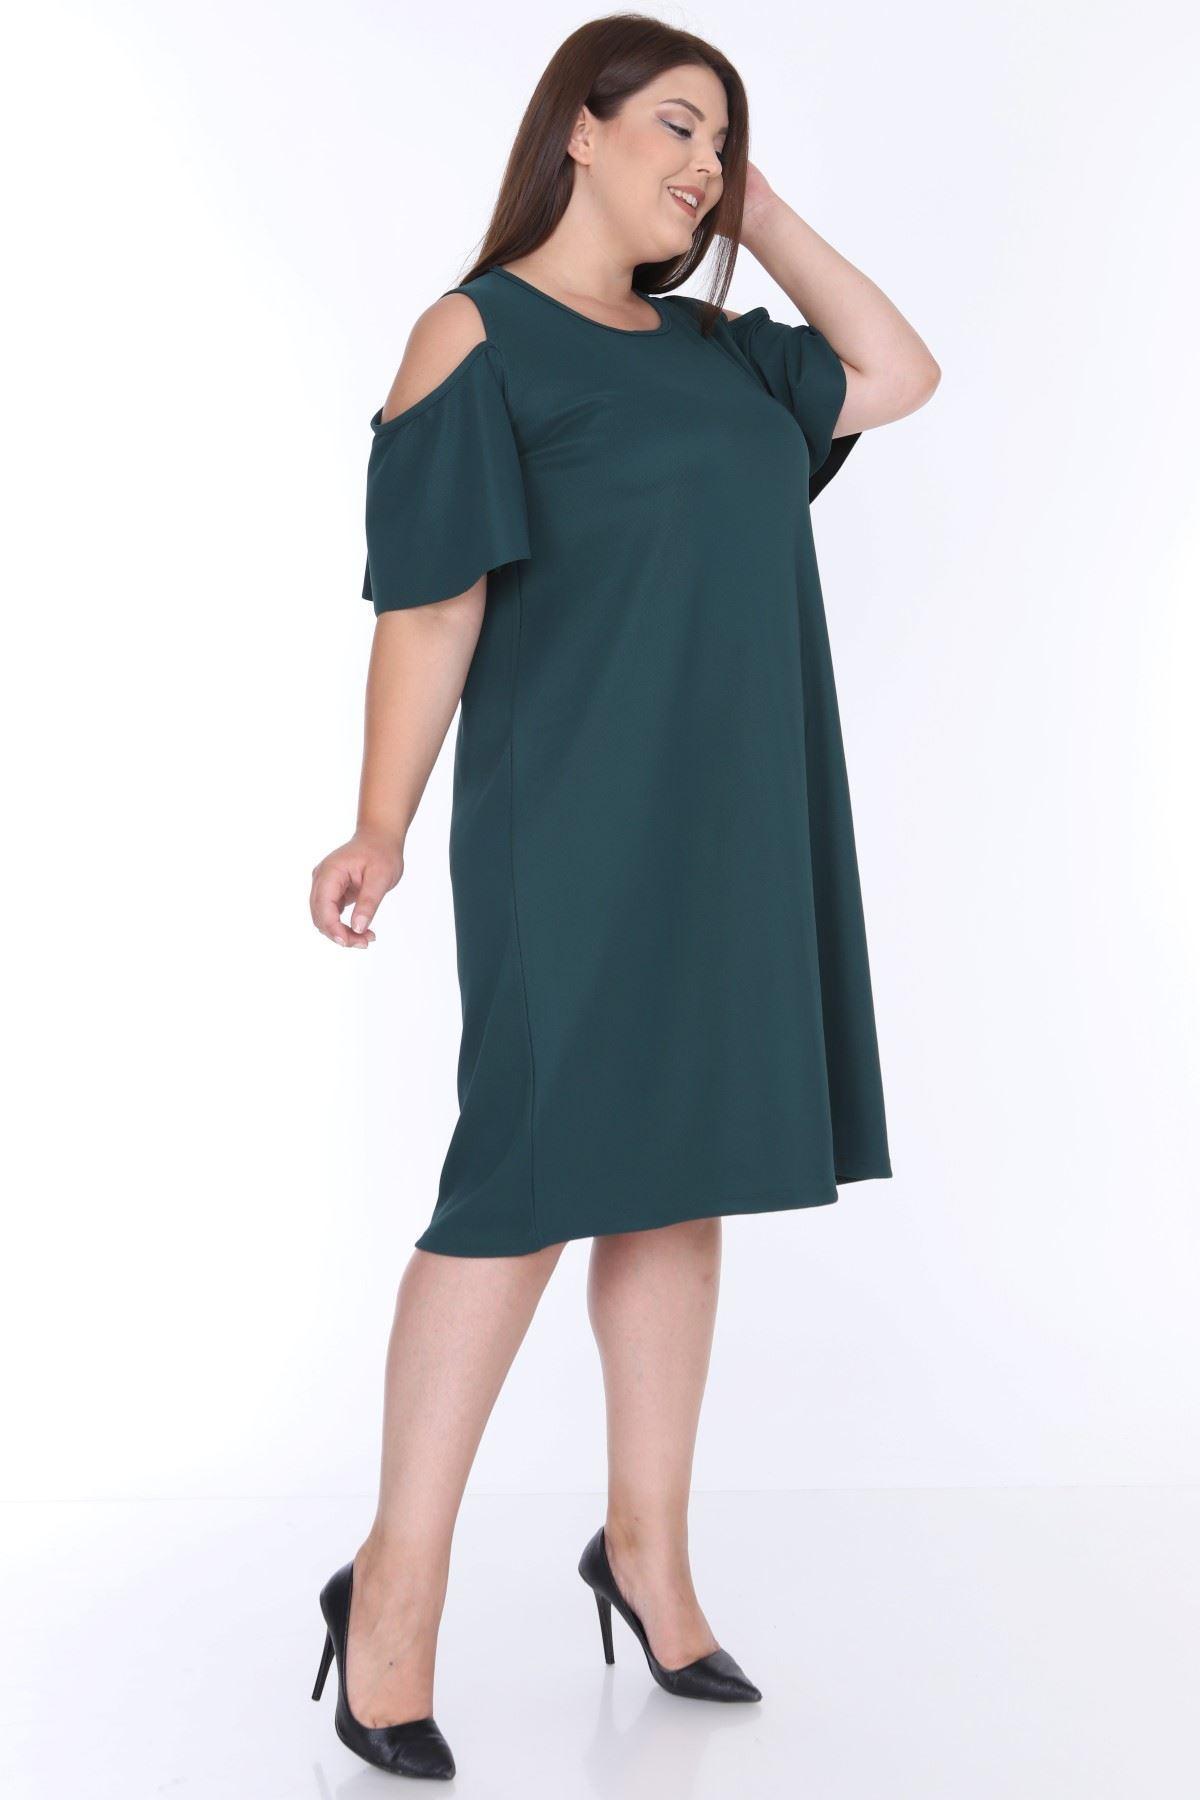 Açık Omuzlu Yeşil Elbise 1B-0644